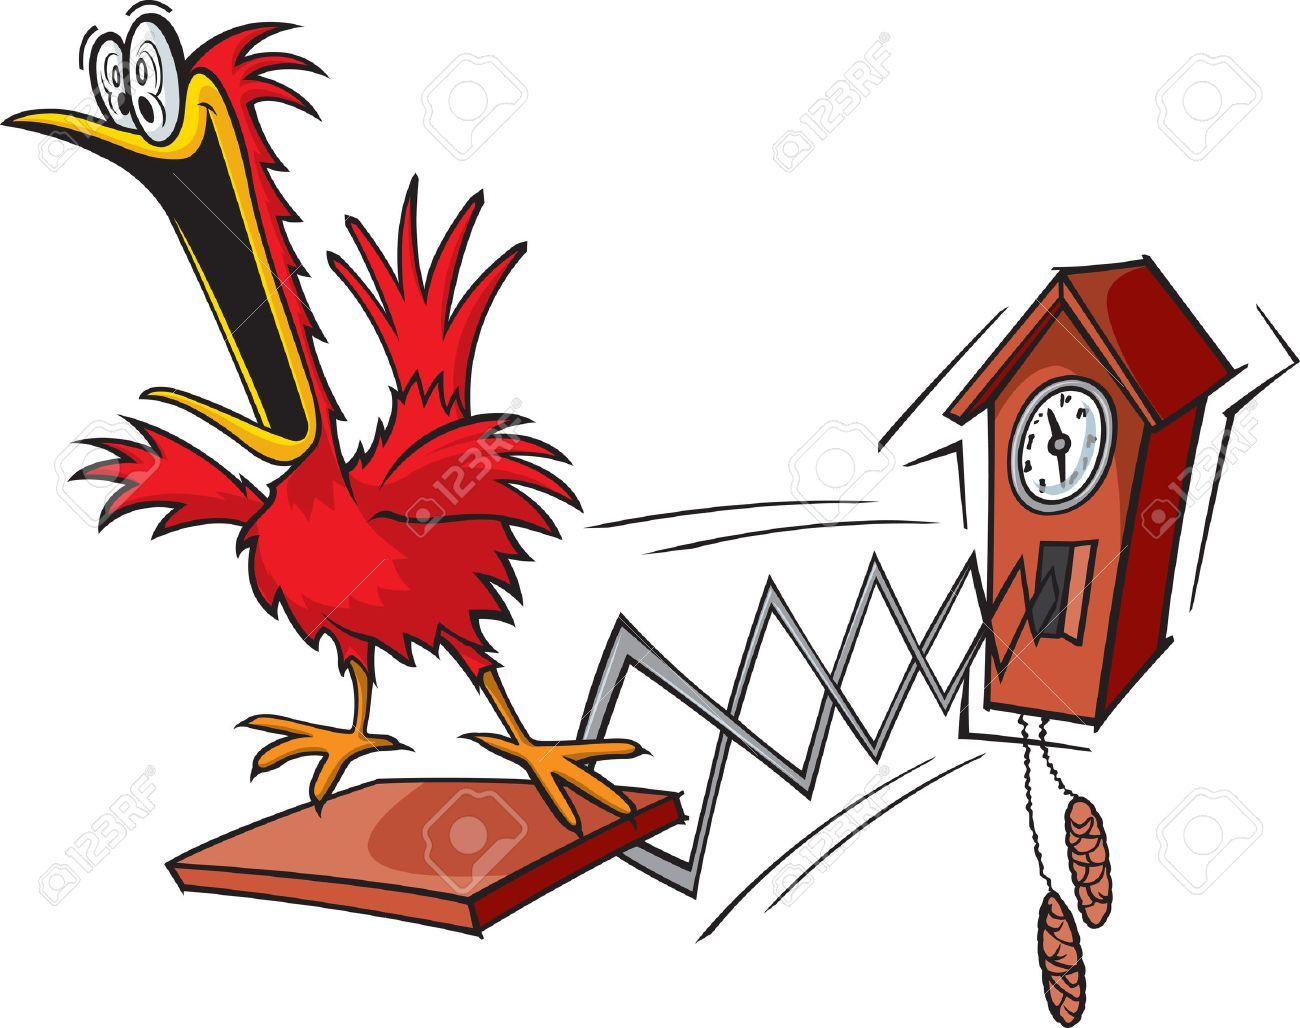 39564657-a-cartoon-cuckoo-clock.jpg